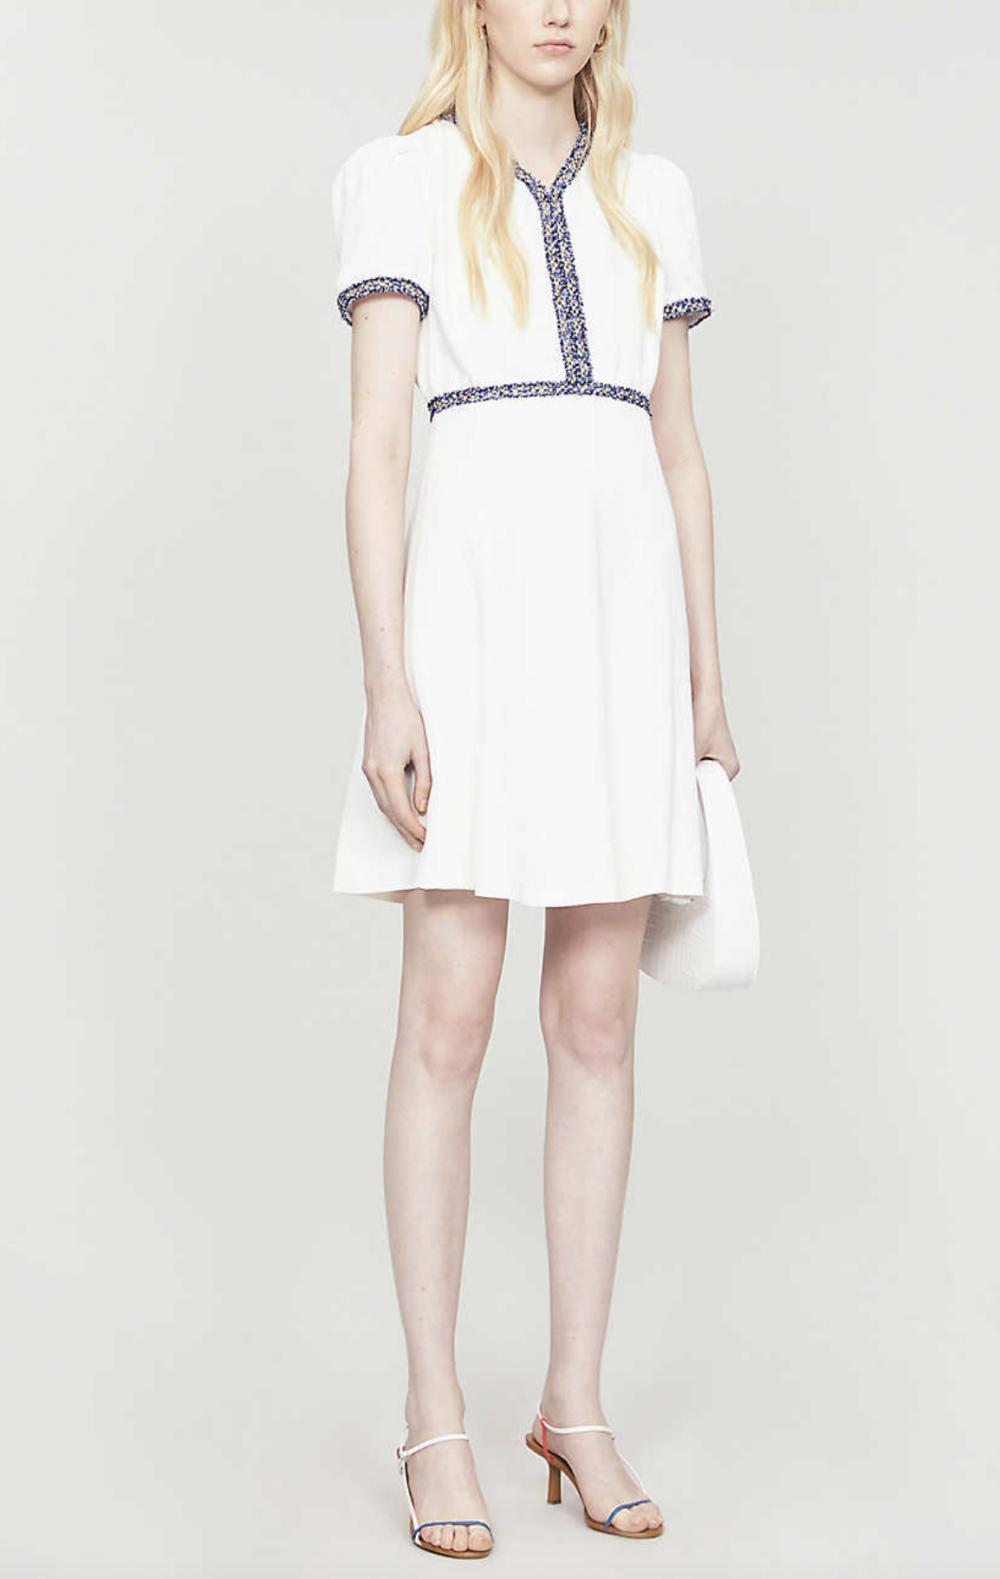 法式優雅連身裙款Selfridges減至半價